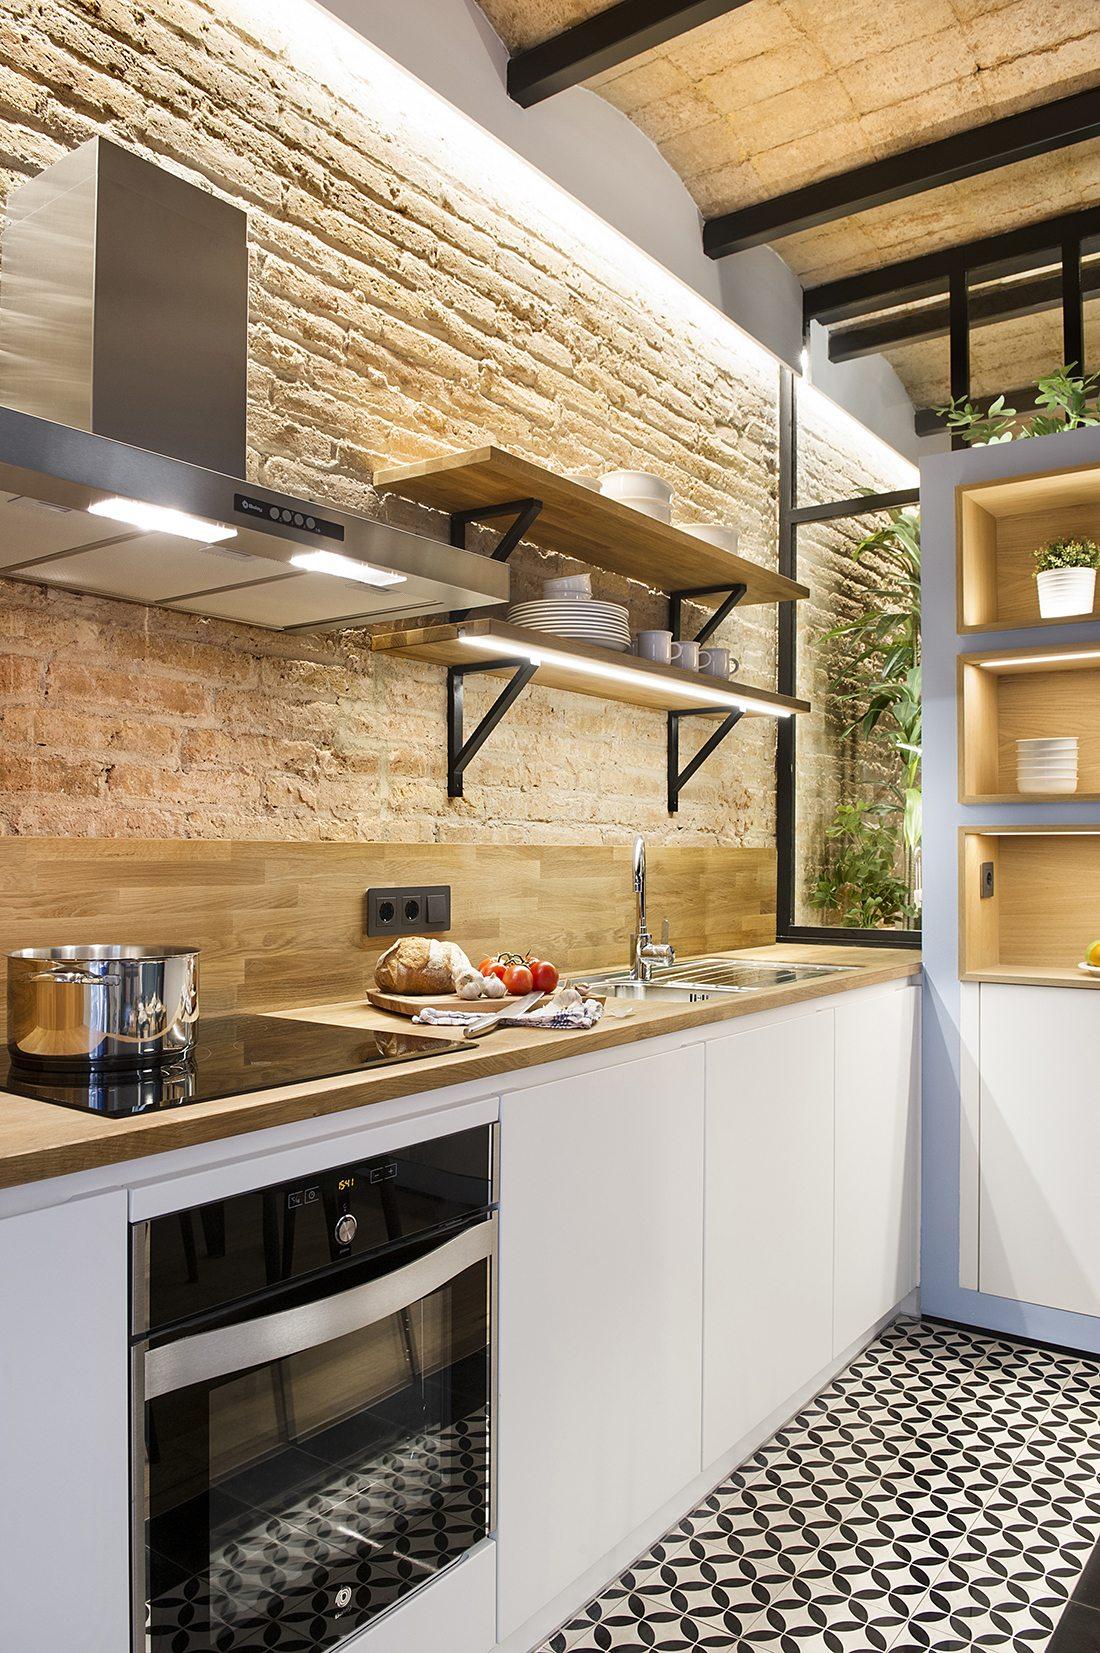 zwart-witte-patroontegels-keuken